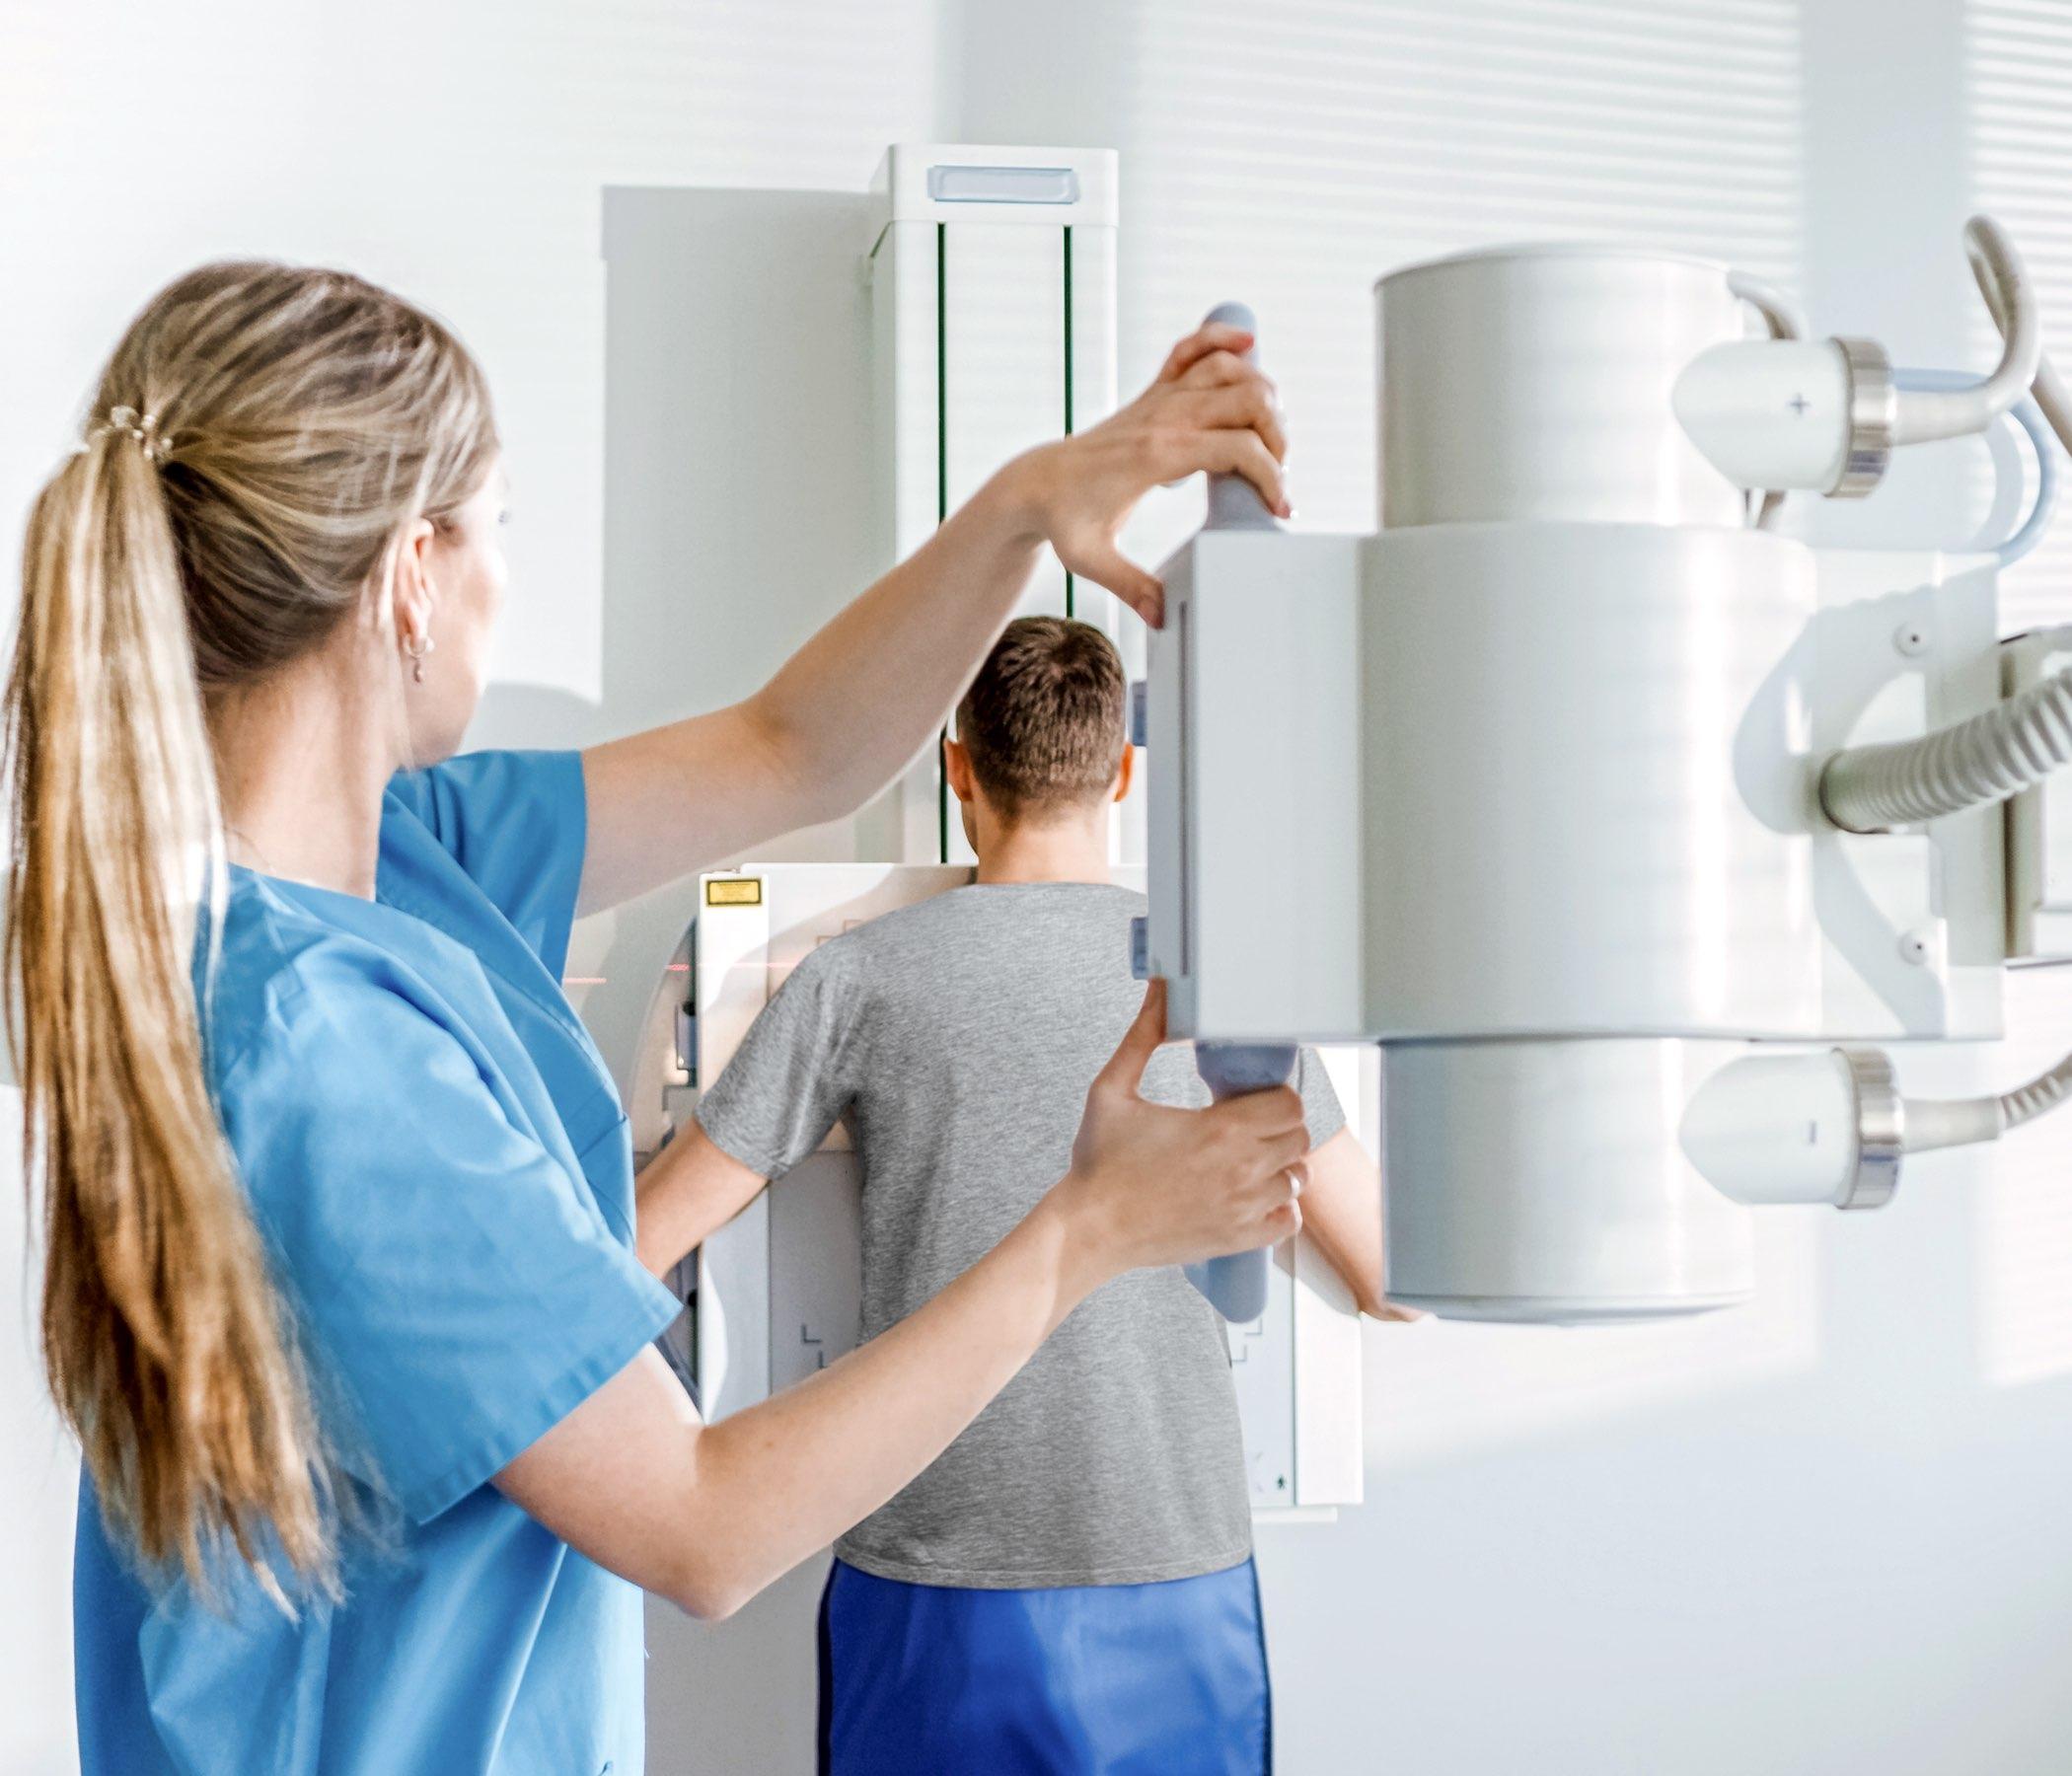 Cara derecha del hombre contra la pared mientras que el técnico médico ajusta la máquina de radiografía según la exploración